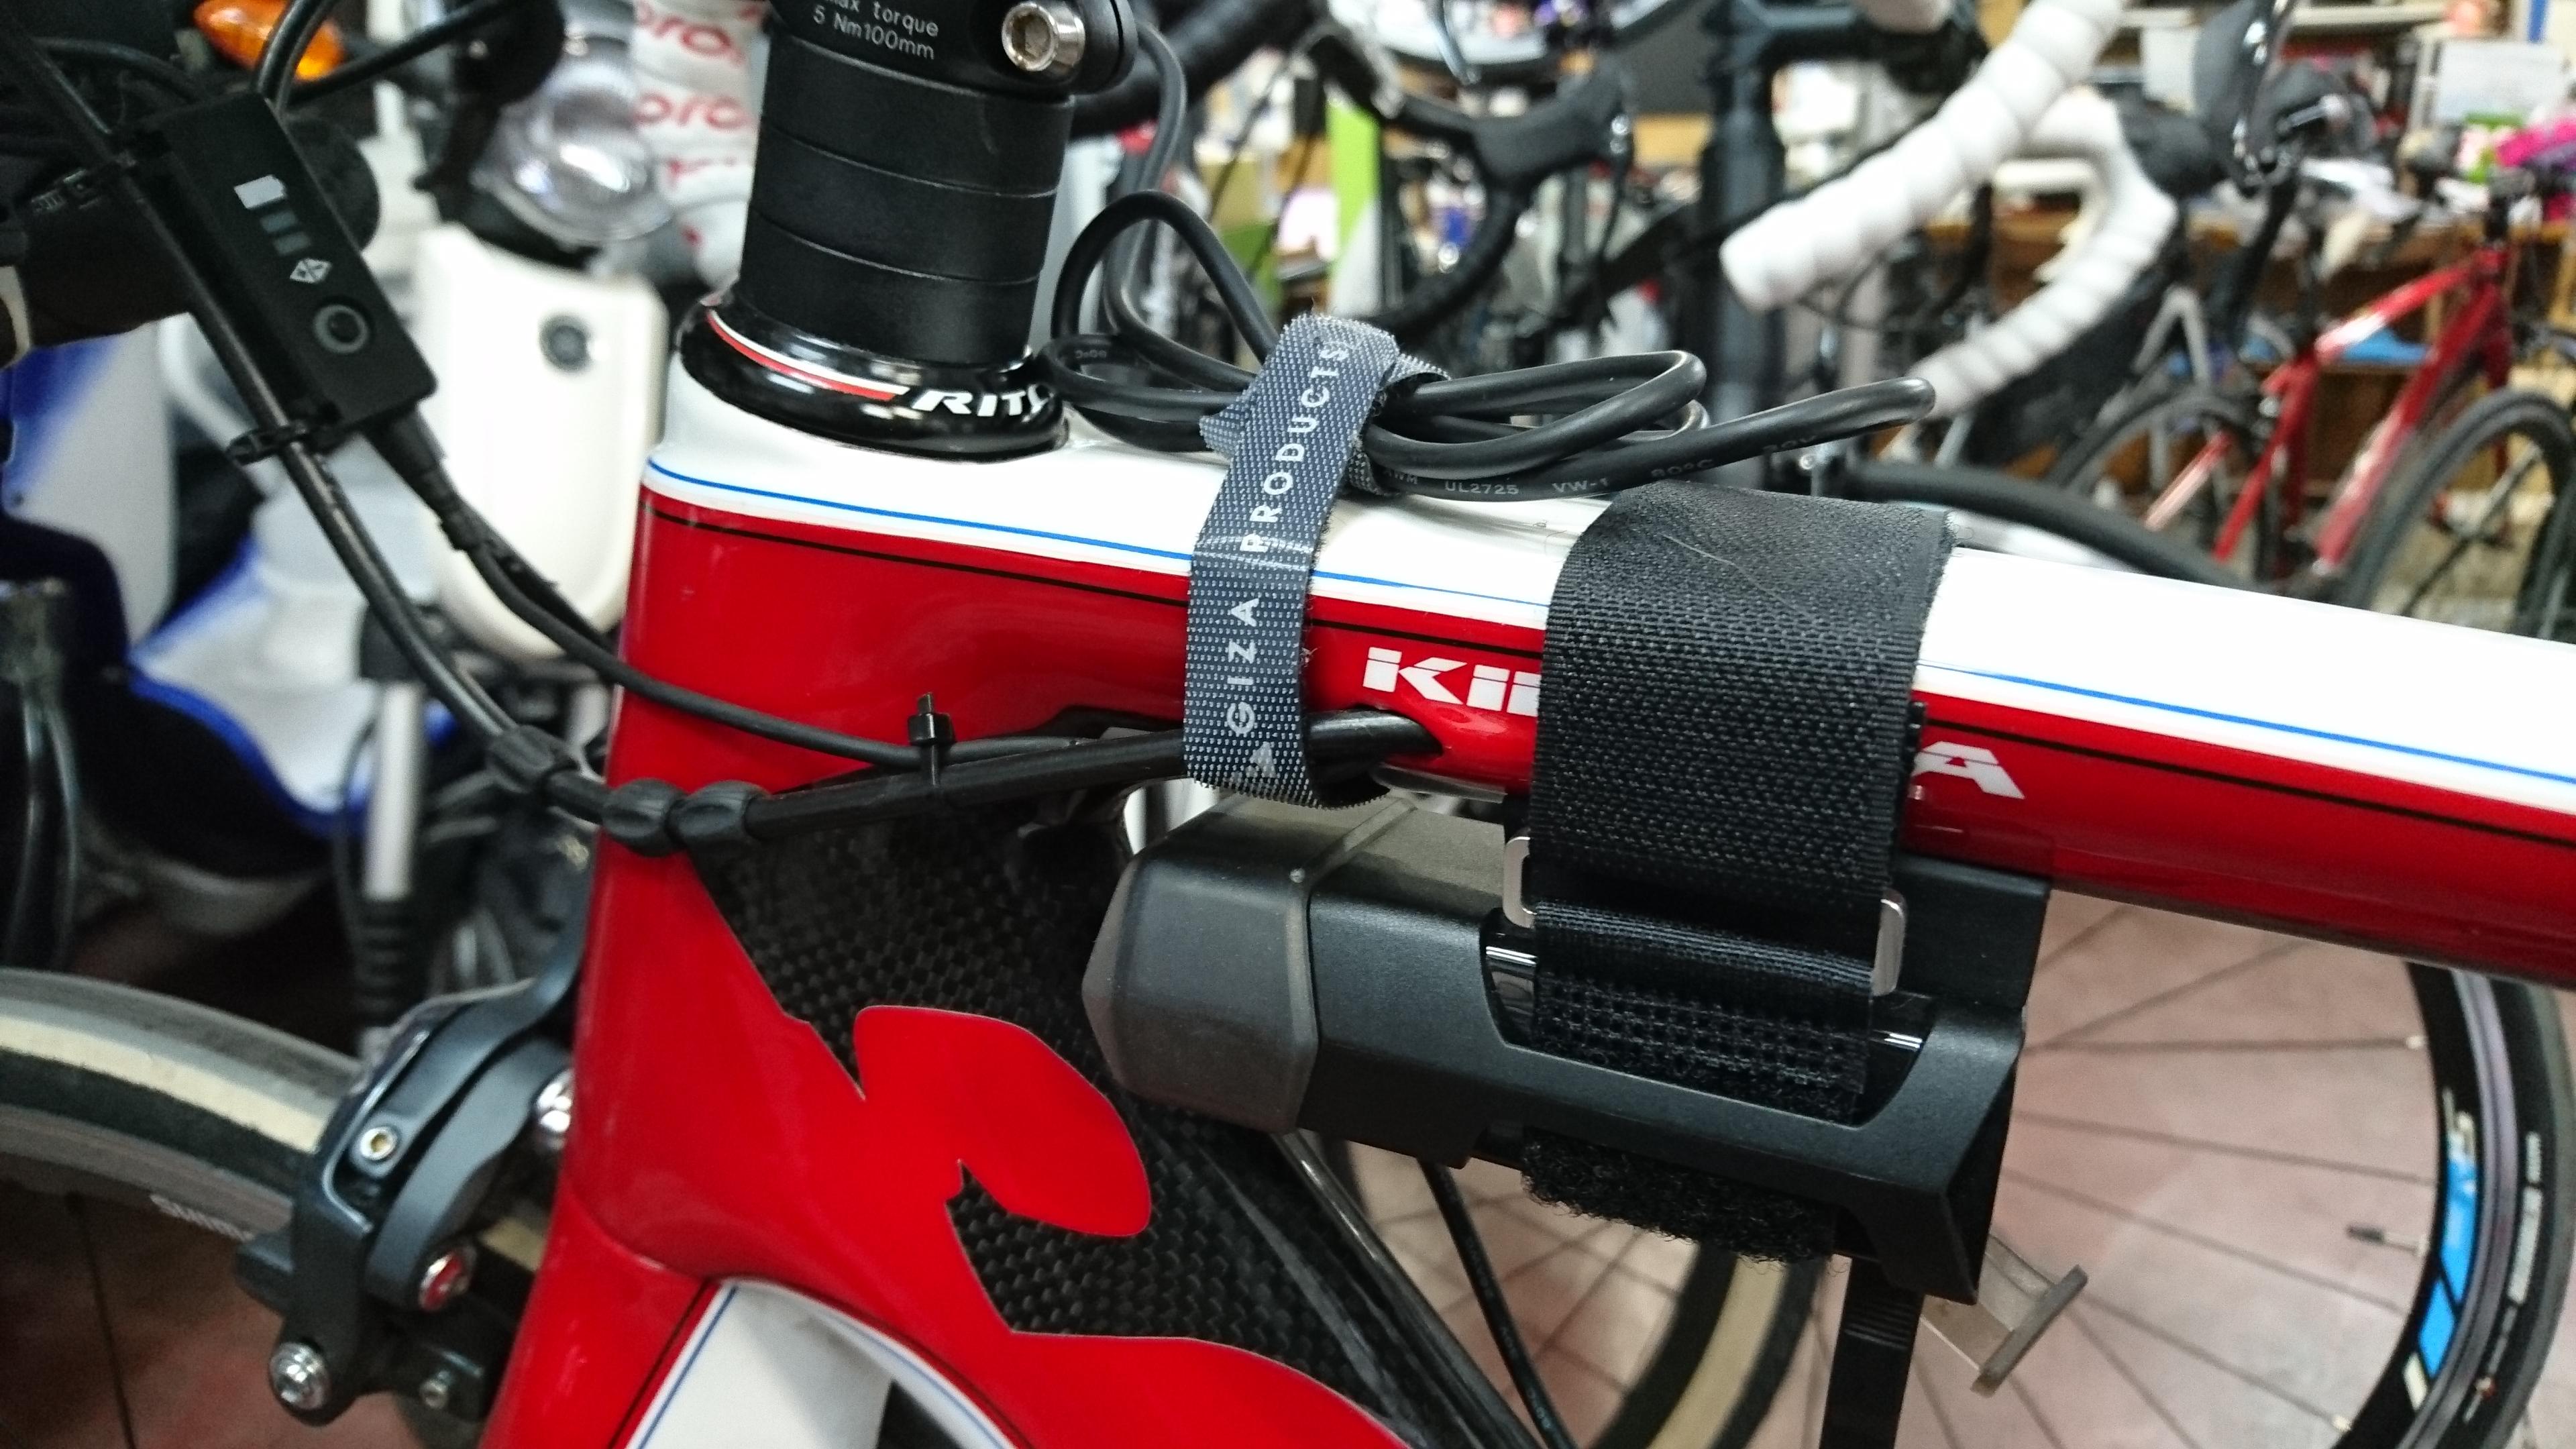 トピーク モバイルパワーパック5200(サイクリング用補助バッテリー)